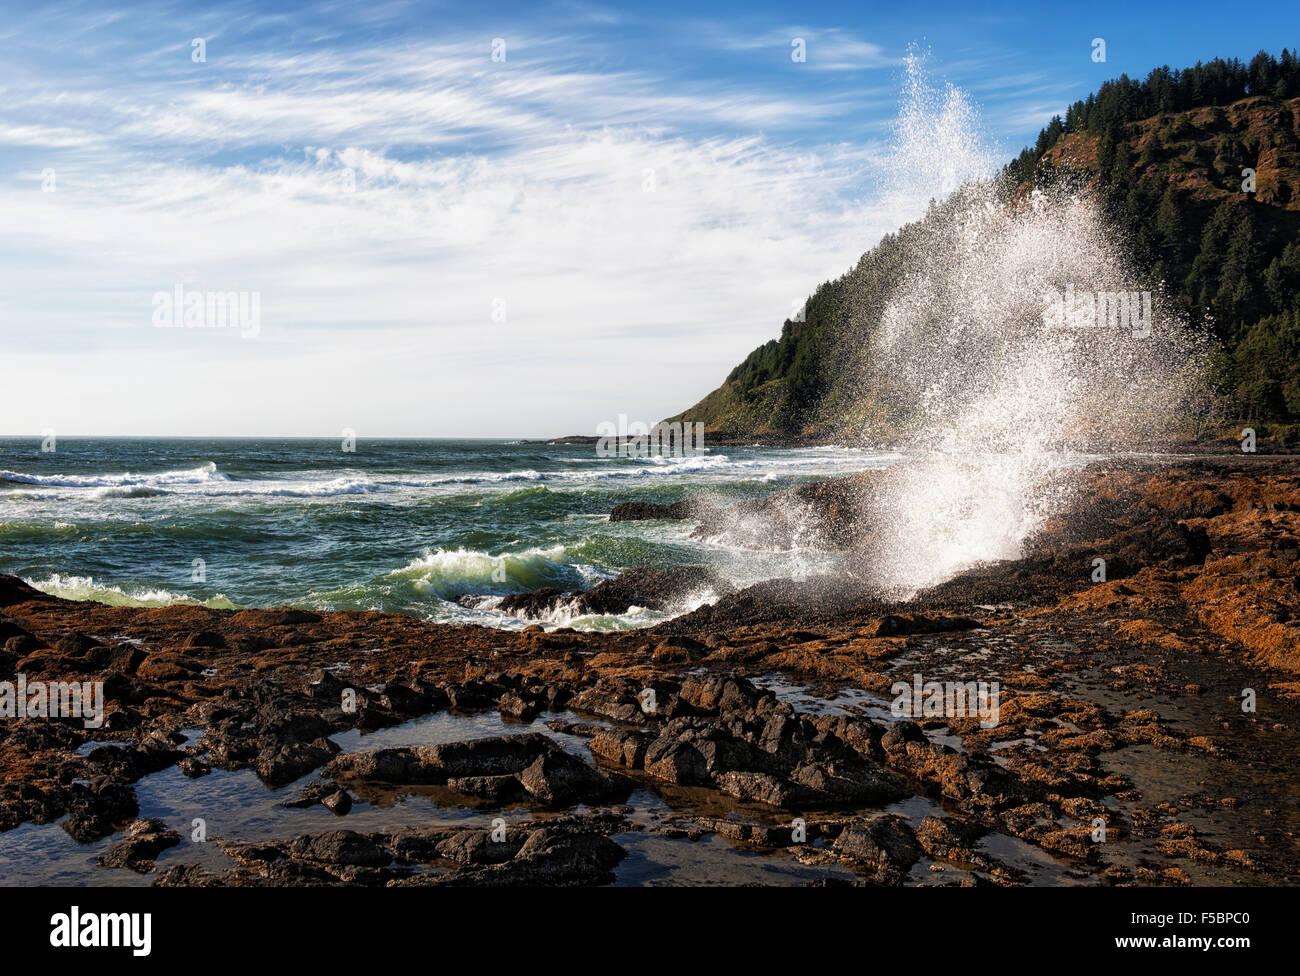 Wellen brechen gegen die felsige Küste Oregons Cape Perpetua Scenic Area. Stockbild